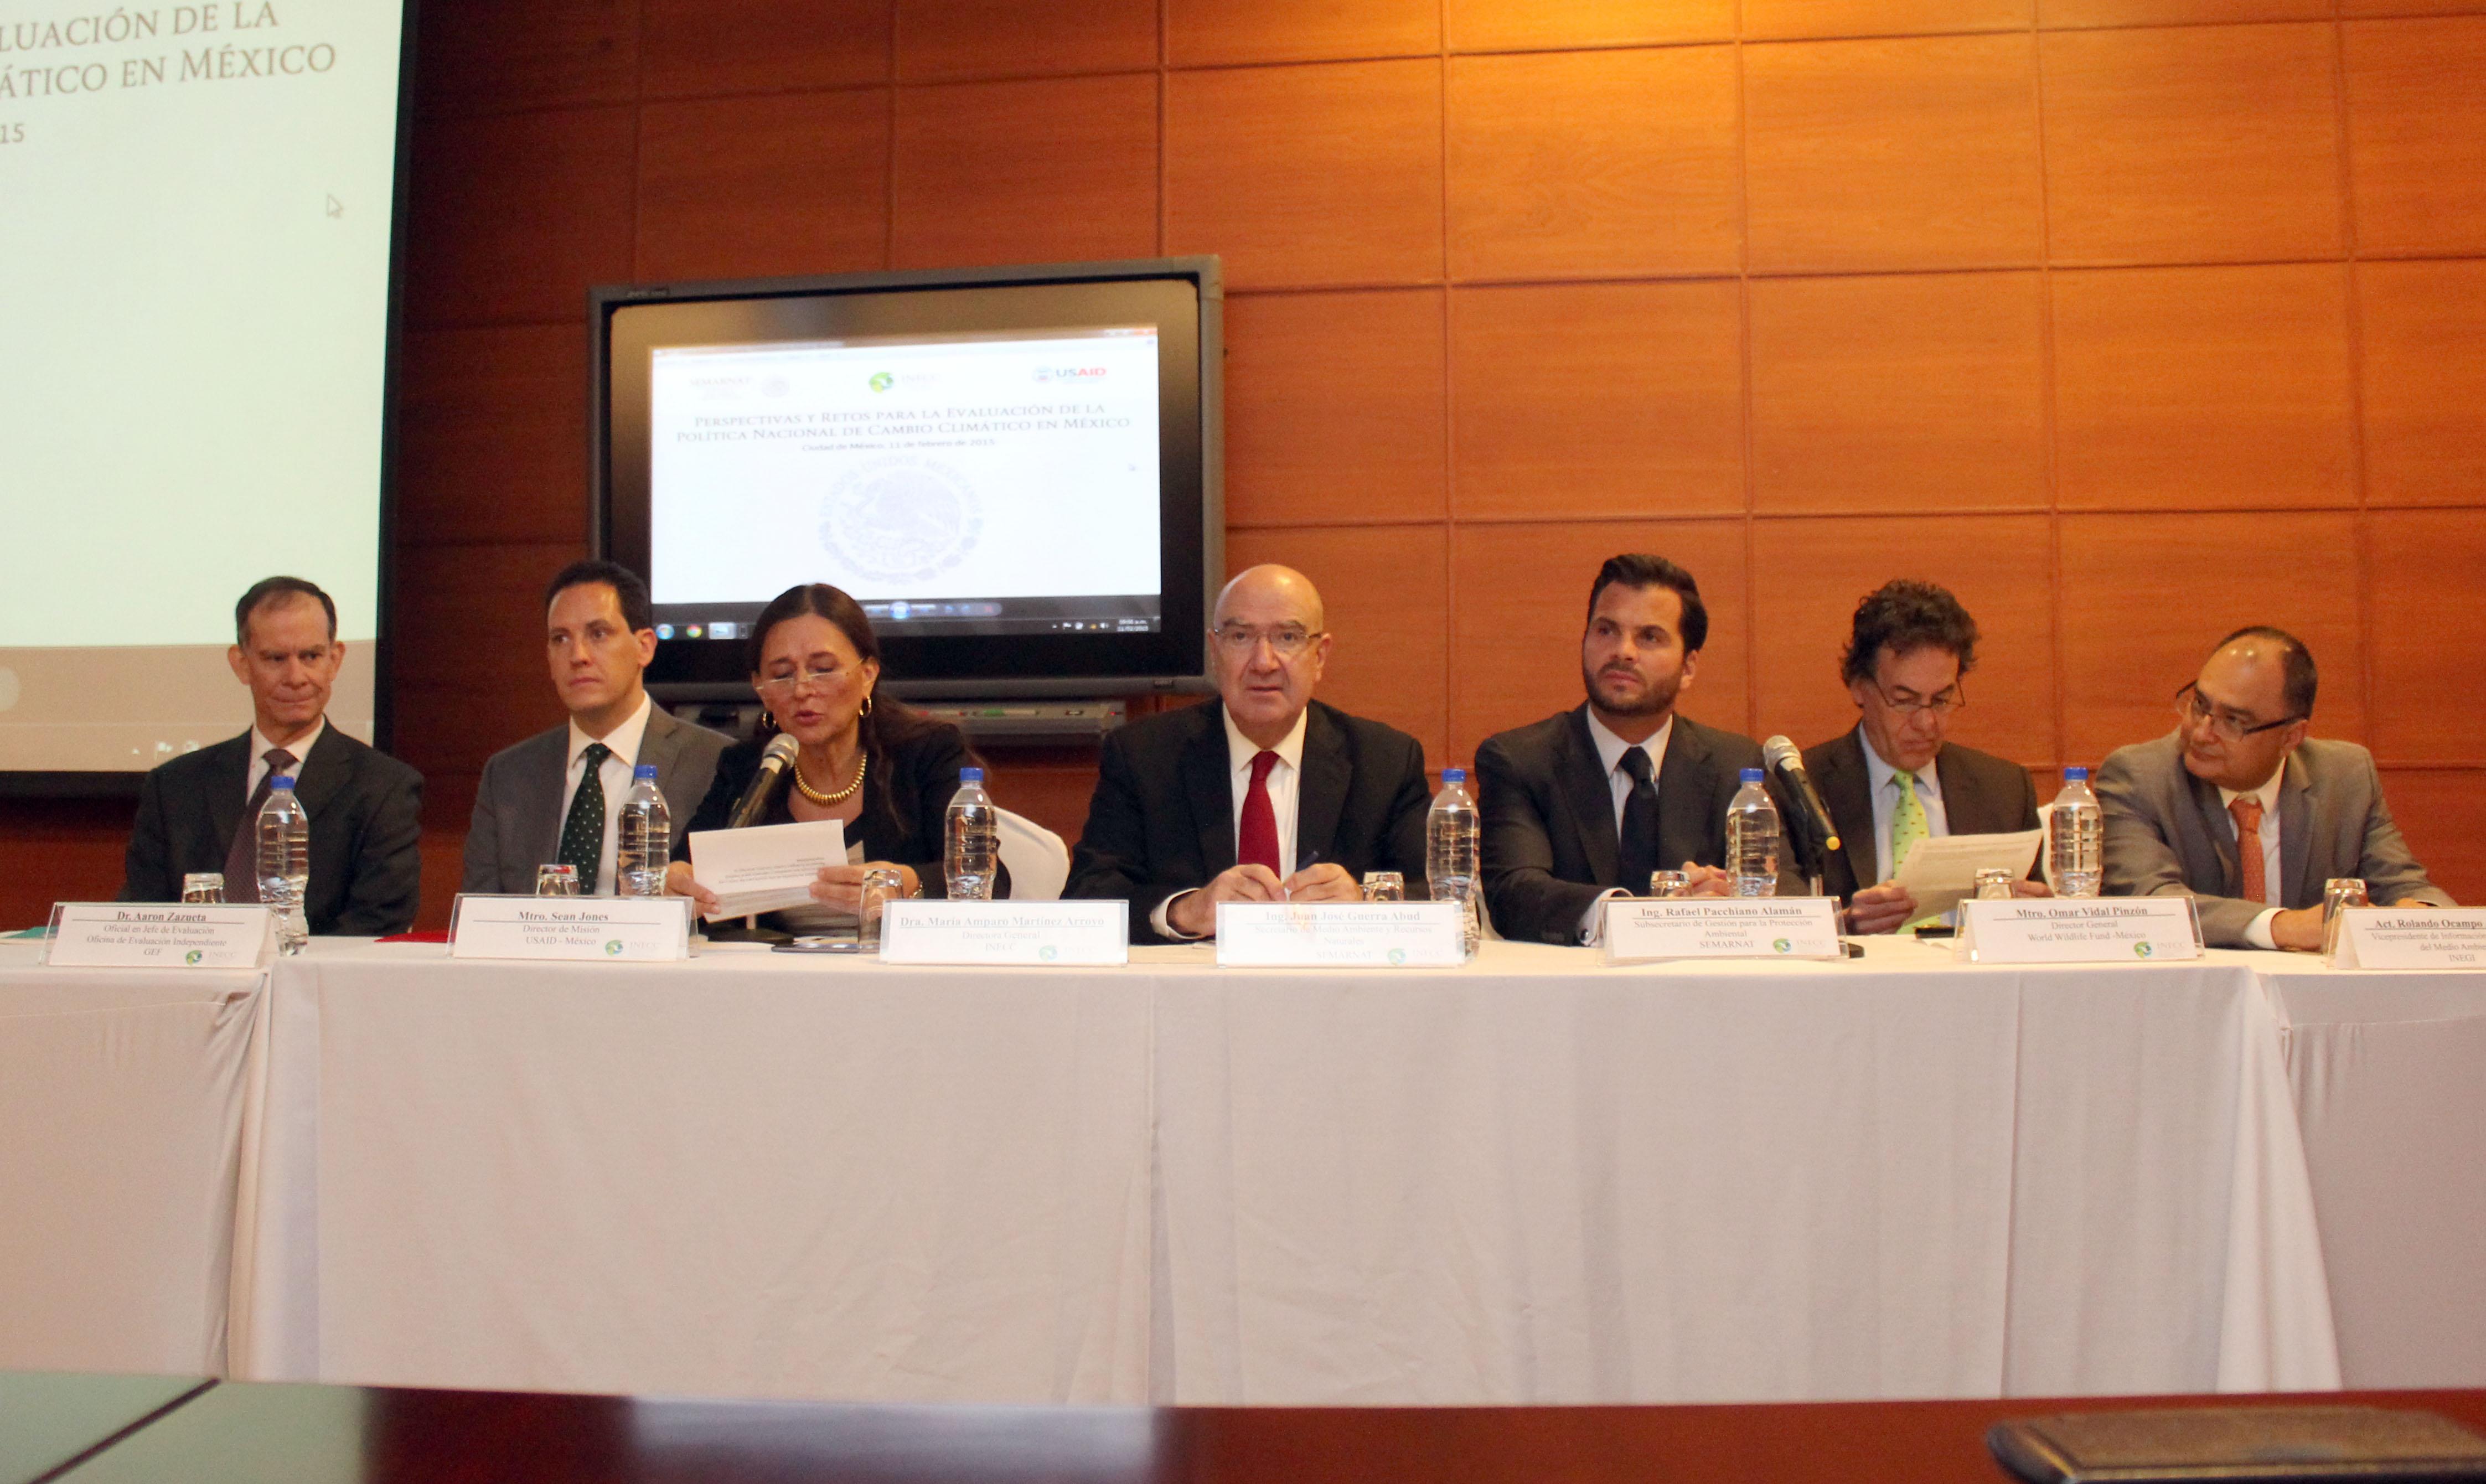 Sesión Inaugural del Taller de Trabajo: Perspectivas y retos para la evaluación de la Política Nacional de Cambio Climático en México.